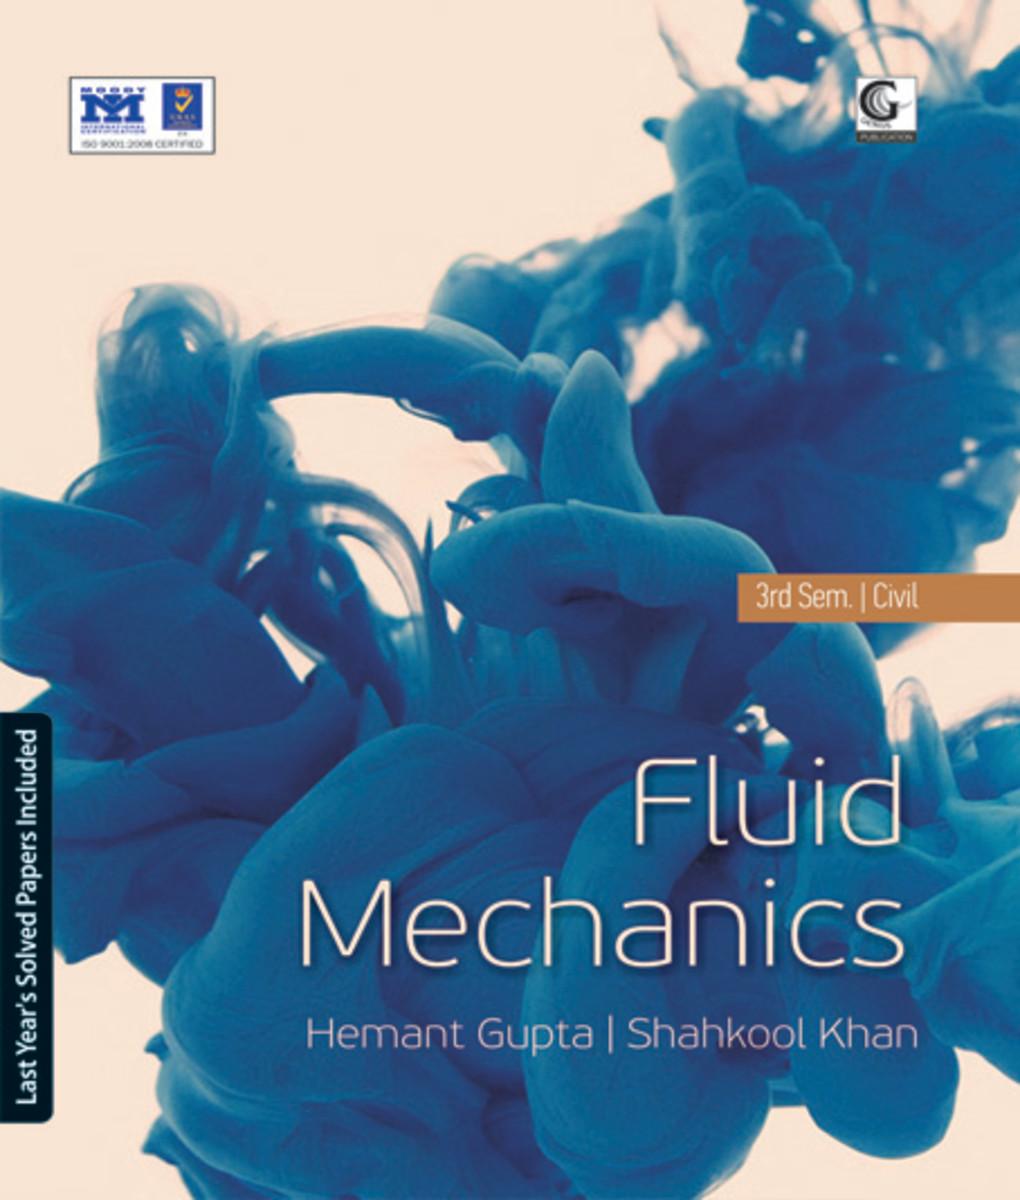 Fluid Mechanics Book